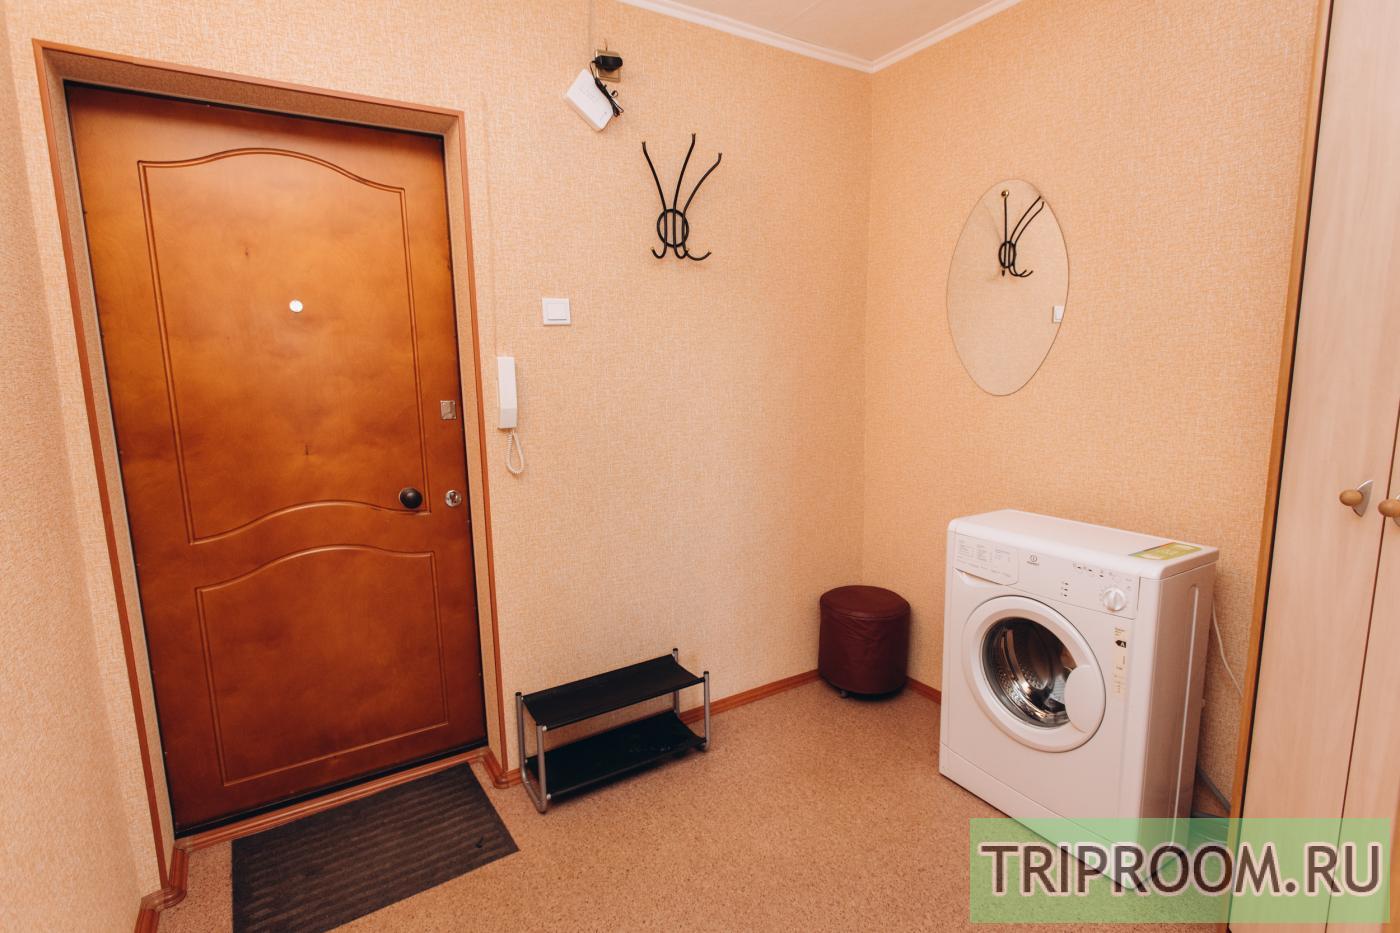 1-комнатная квартира посуточно (вариант № 14750), ул. Белореченская улица, фото № 10